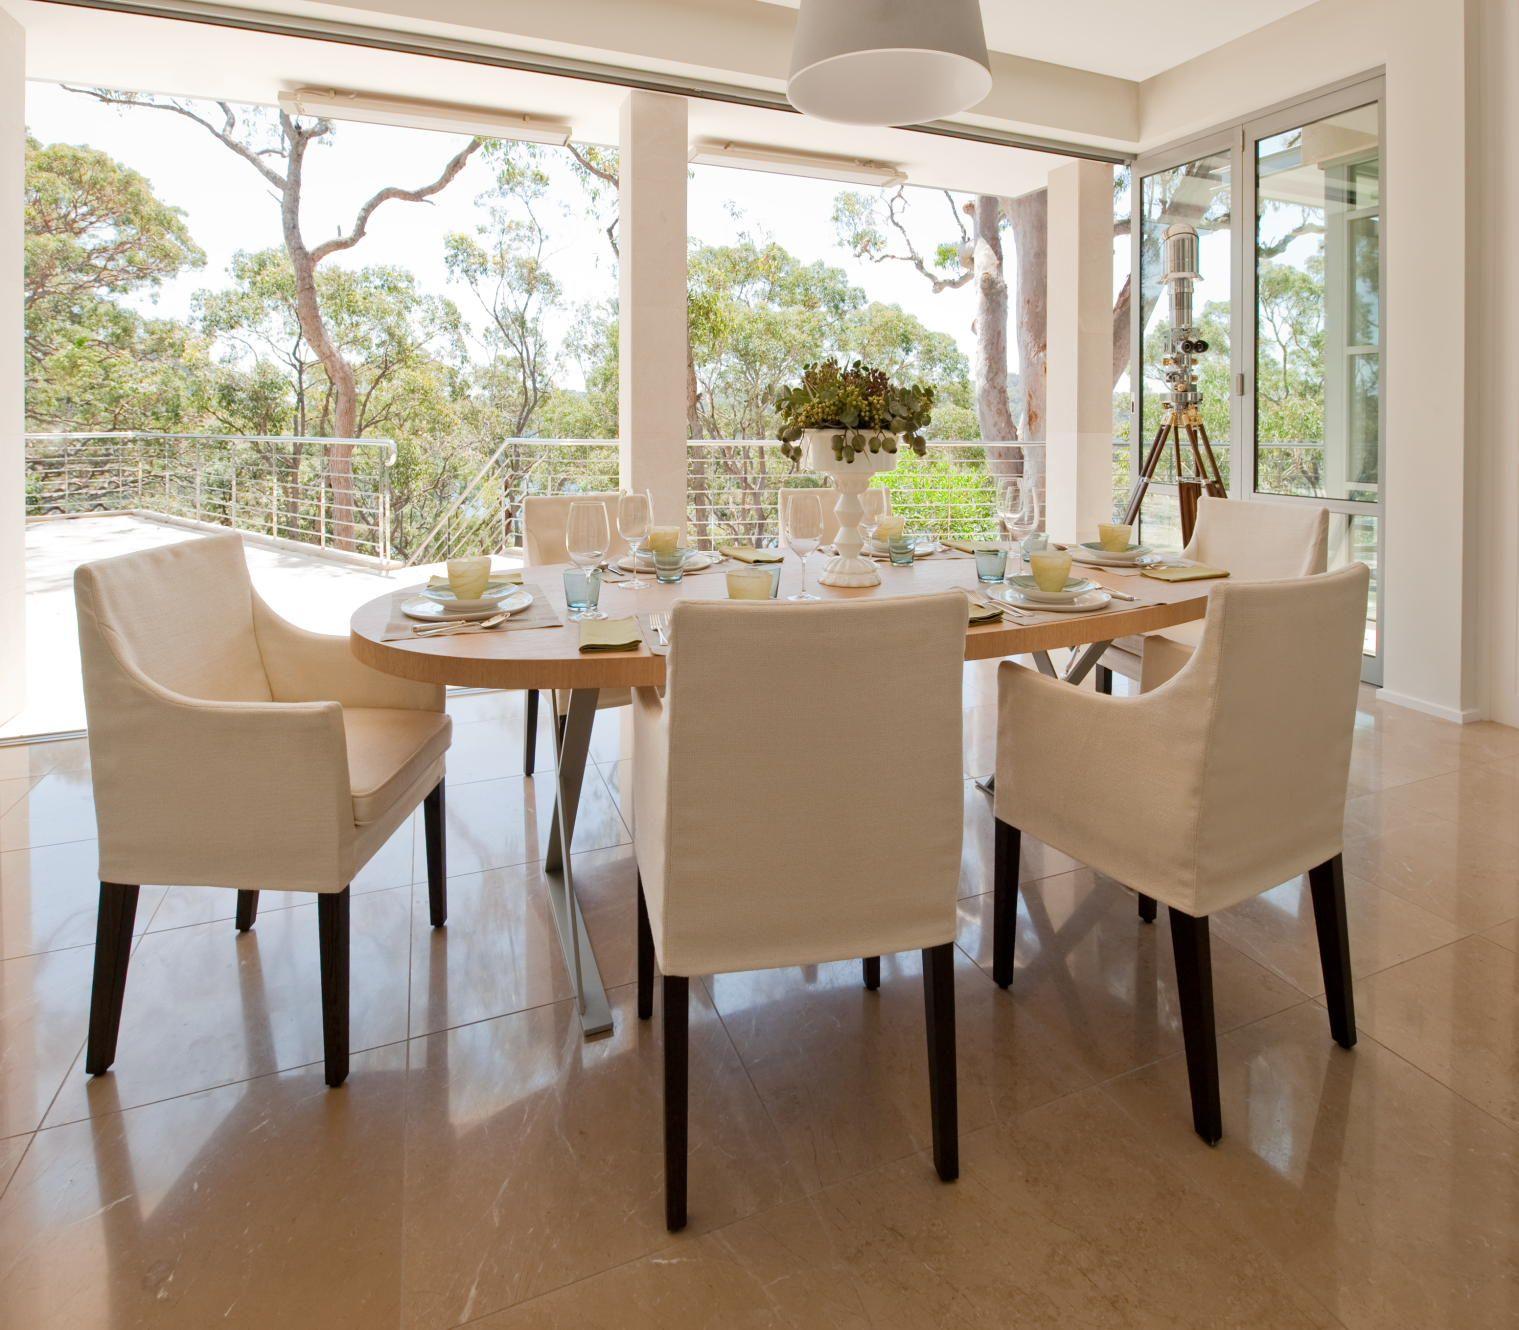 World Best Interior Designer featuring @Brett Mickan Interior Design For more inspiration see also: http://www.brabbu.com/en/